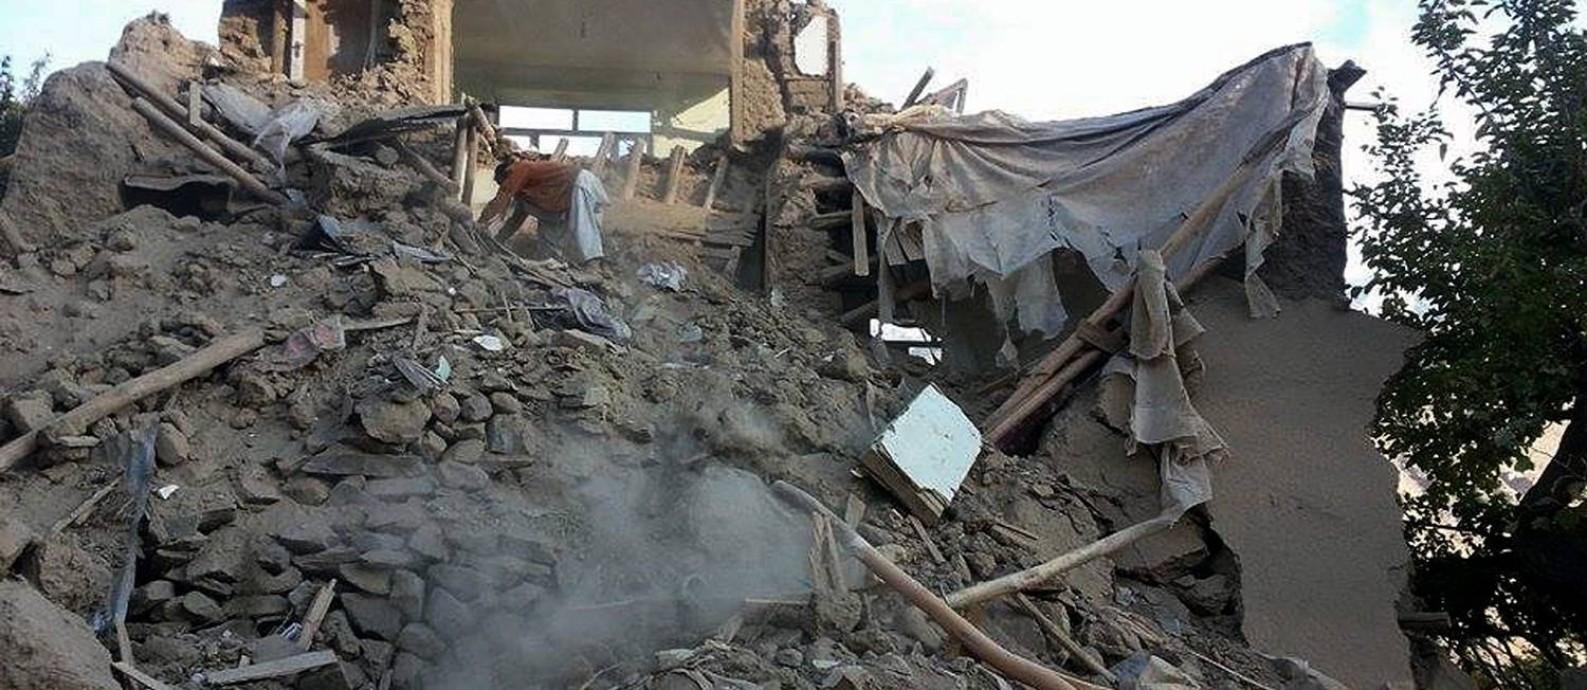 Afegão faz busca em meio aos destroços de um prédio em Ramankheel, no vale Panjshir, no Afeganistão, após terremoto de magnitude 7,5 Foto: STR / AFP